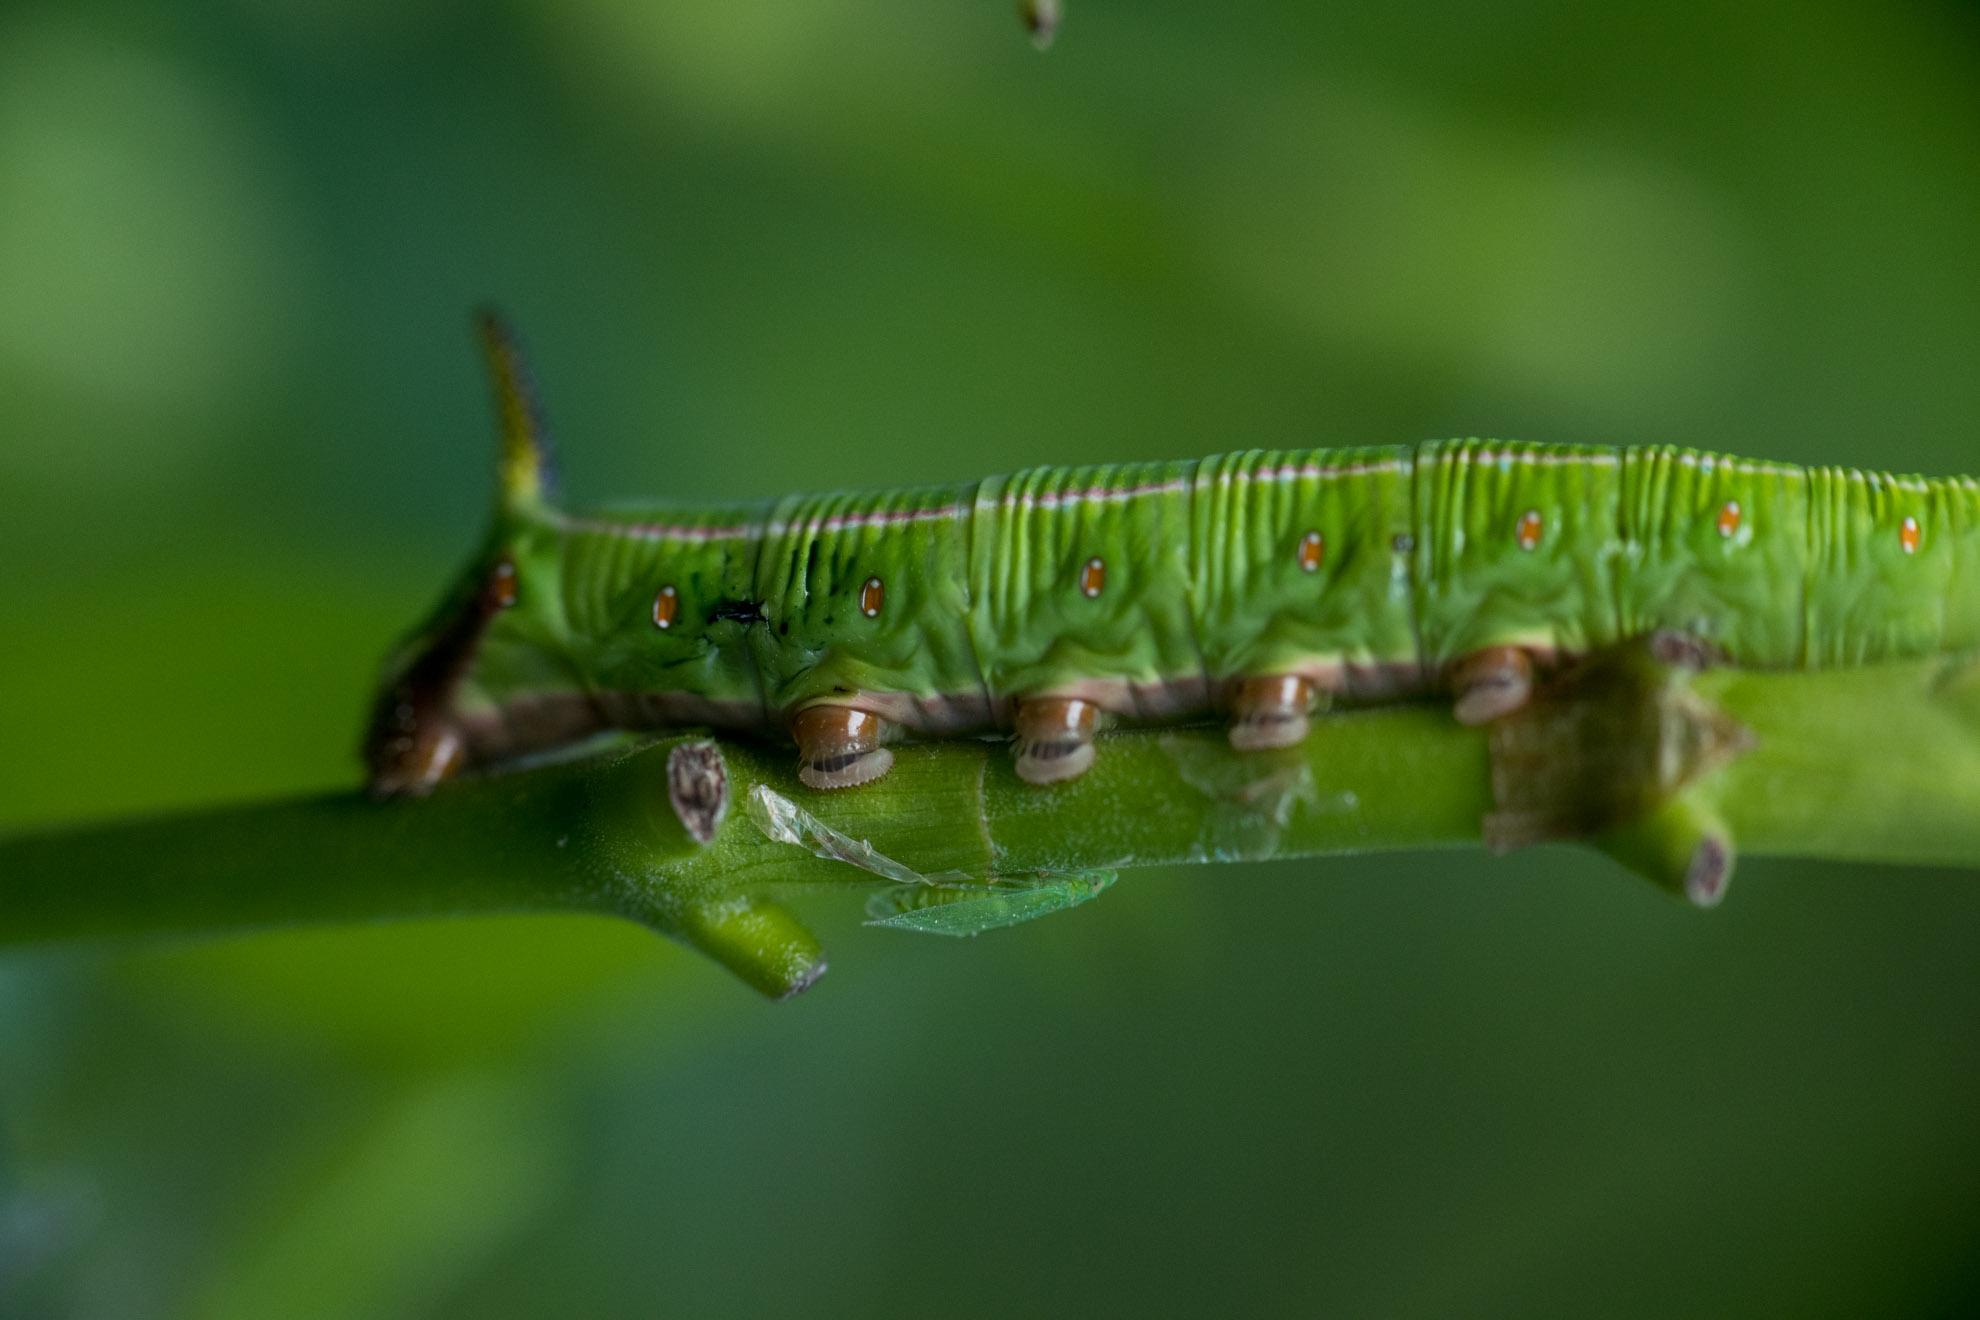 オオスカシバの幼虫